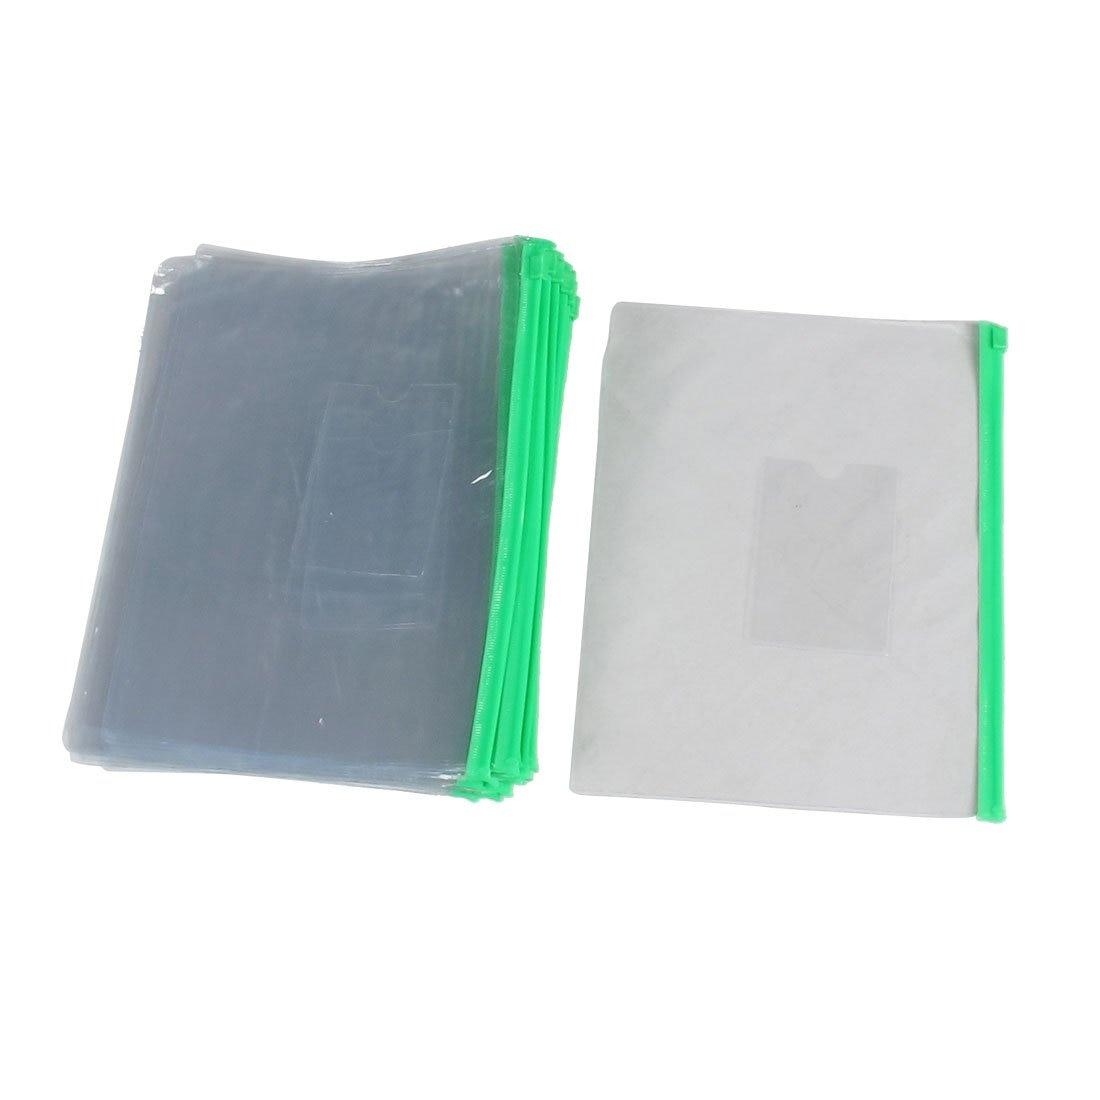 f01f17aee49b6 الجملة 20 قطع الأخضر واضح حجم a5 الورق المنزلق ملفات أكياس زيبلوك إغلاق